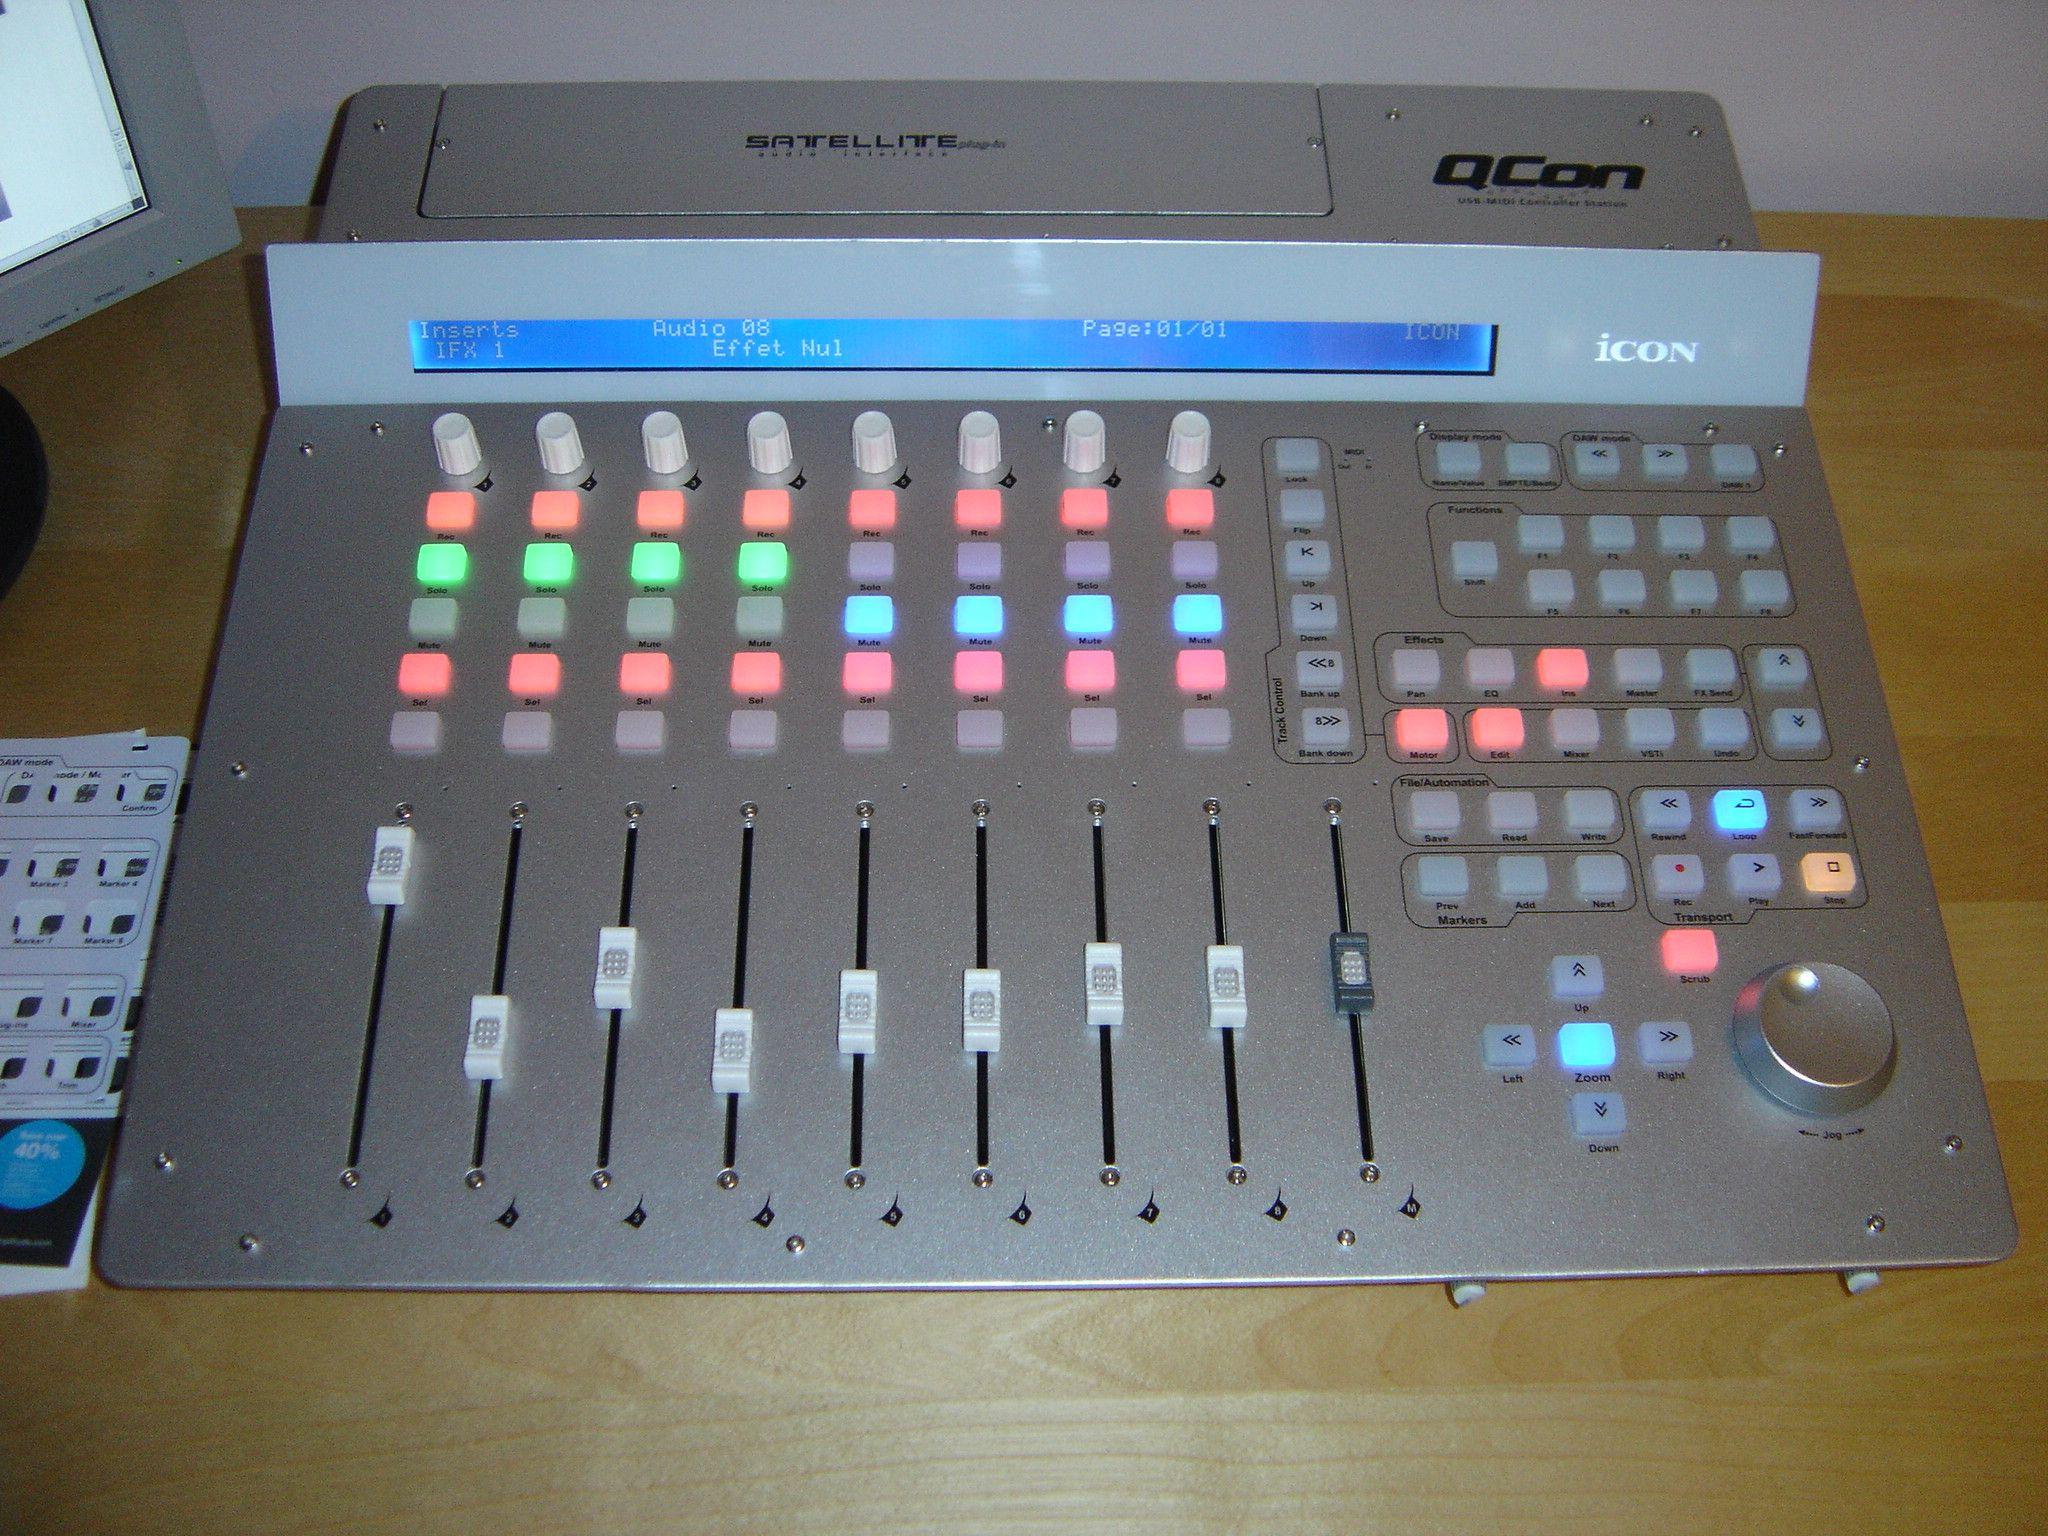 https://medias.audiofanzine.com/images/normal/icon-qcon-pro-979572.jpg